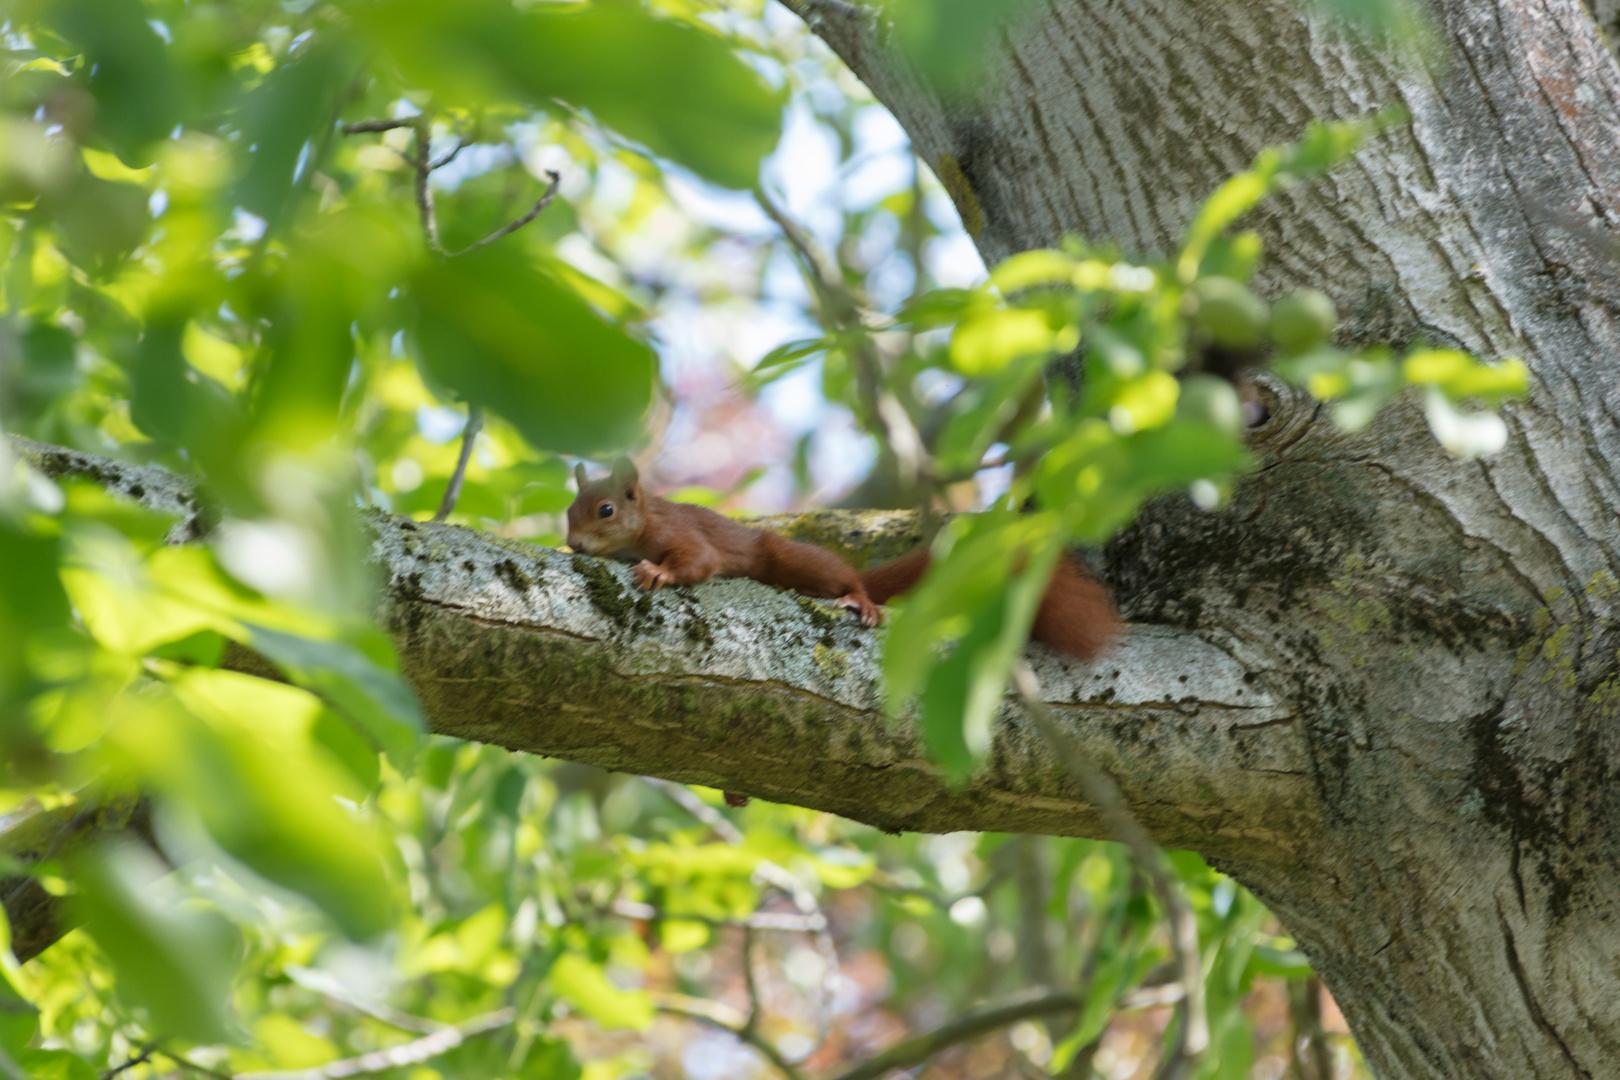 der baum und das eichhörnchen foto  bild  natur